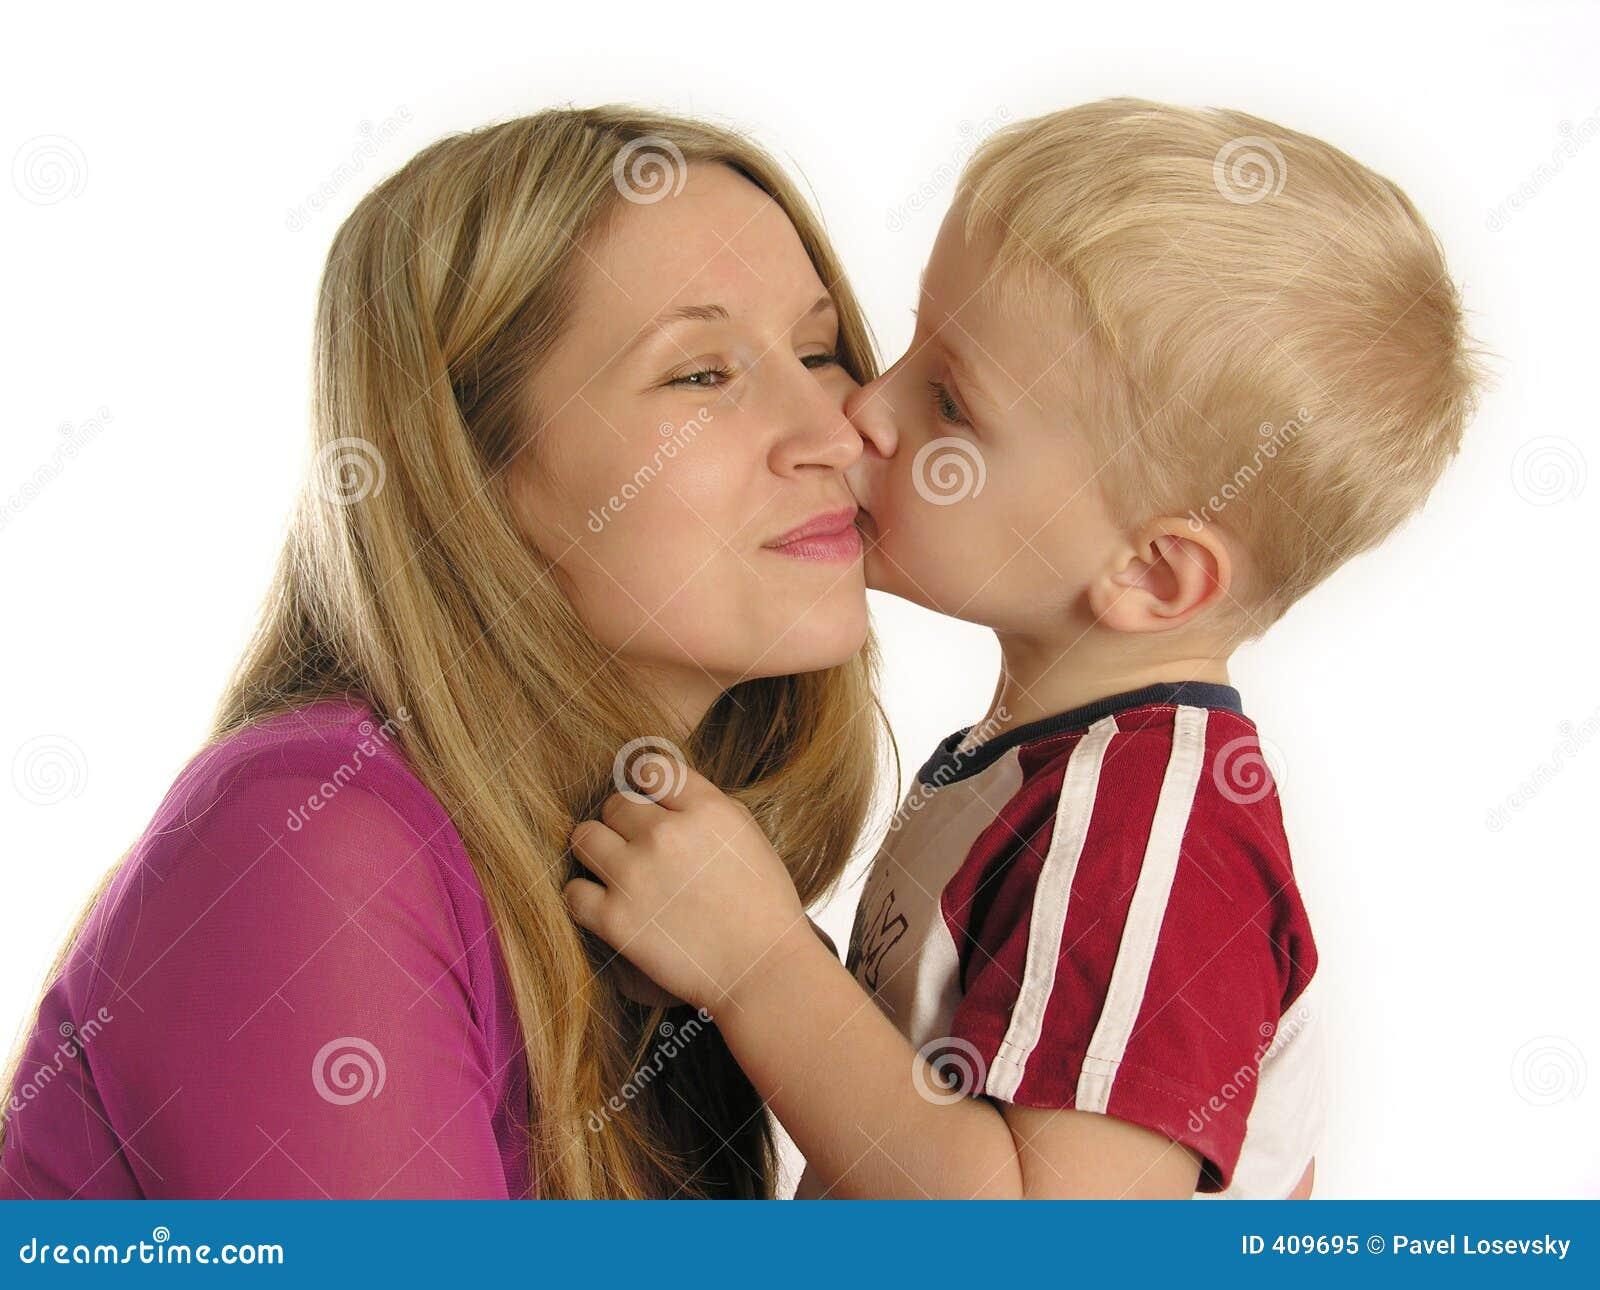 Син виєбал мать 13 фотография